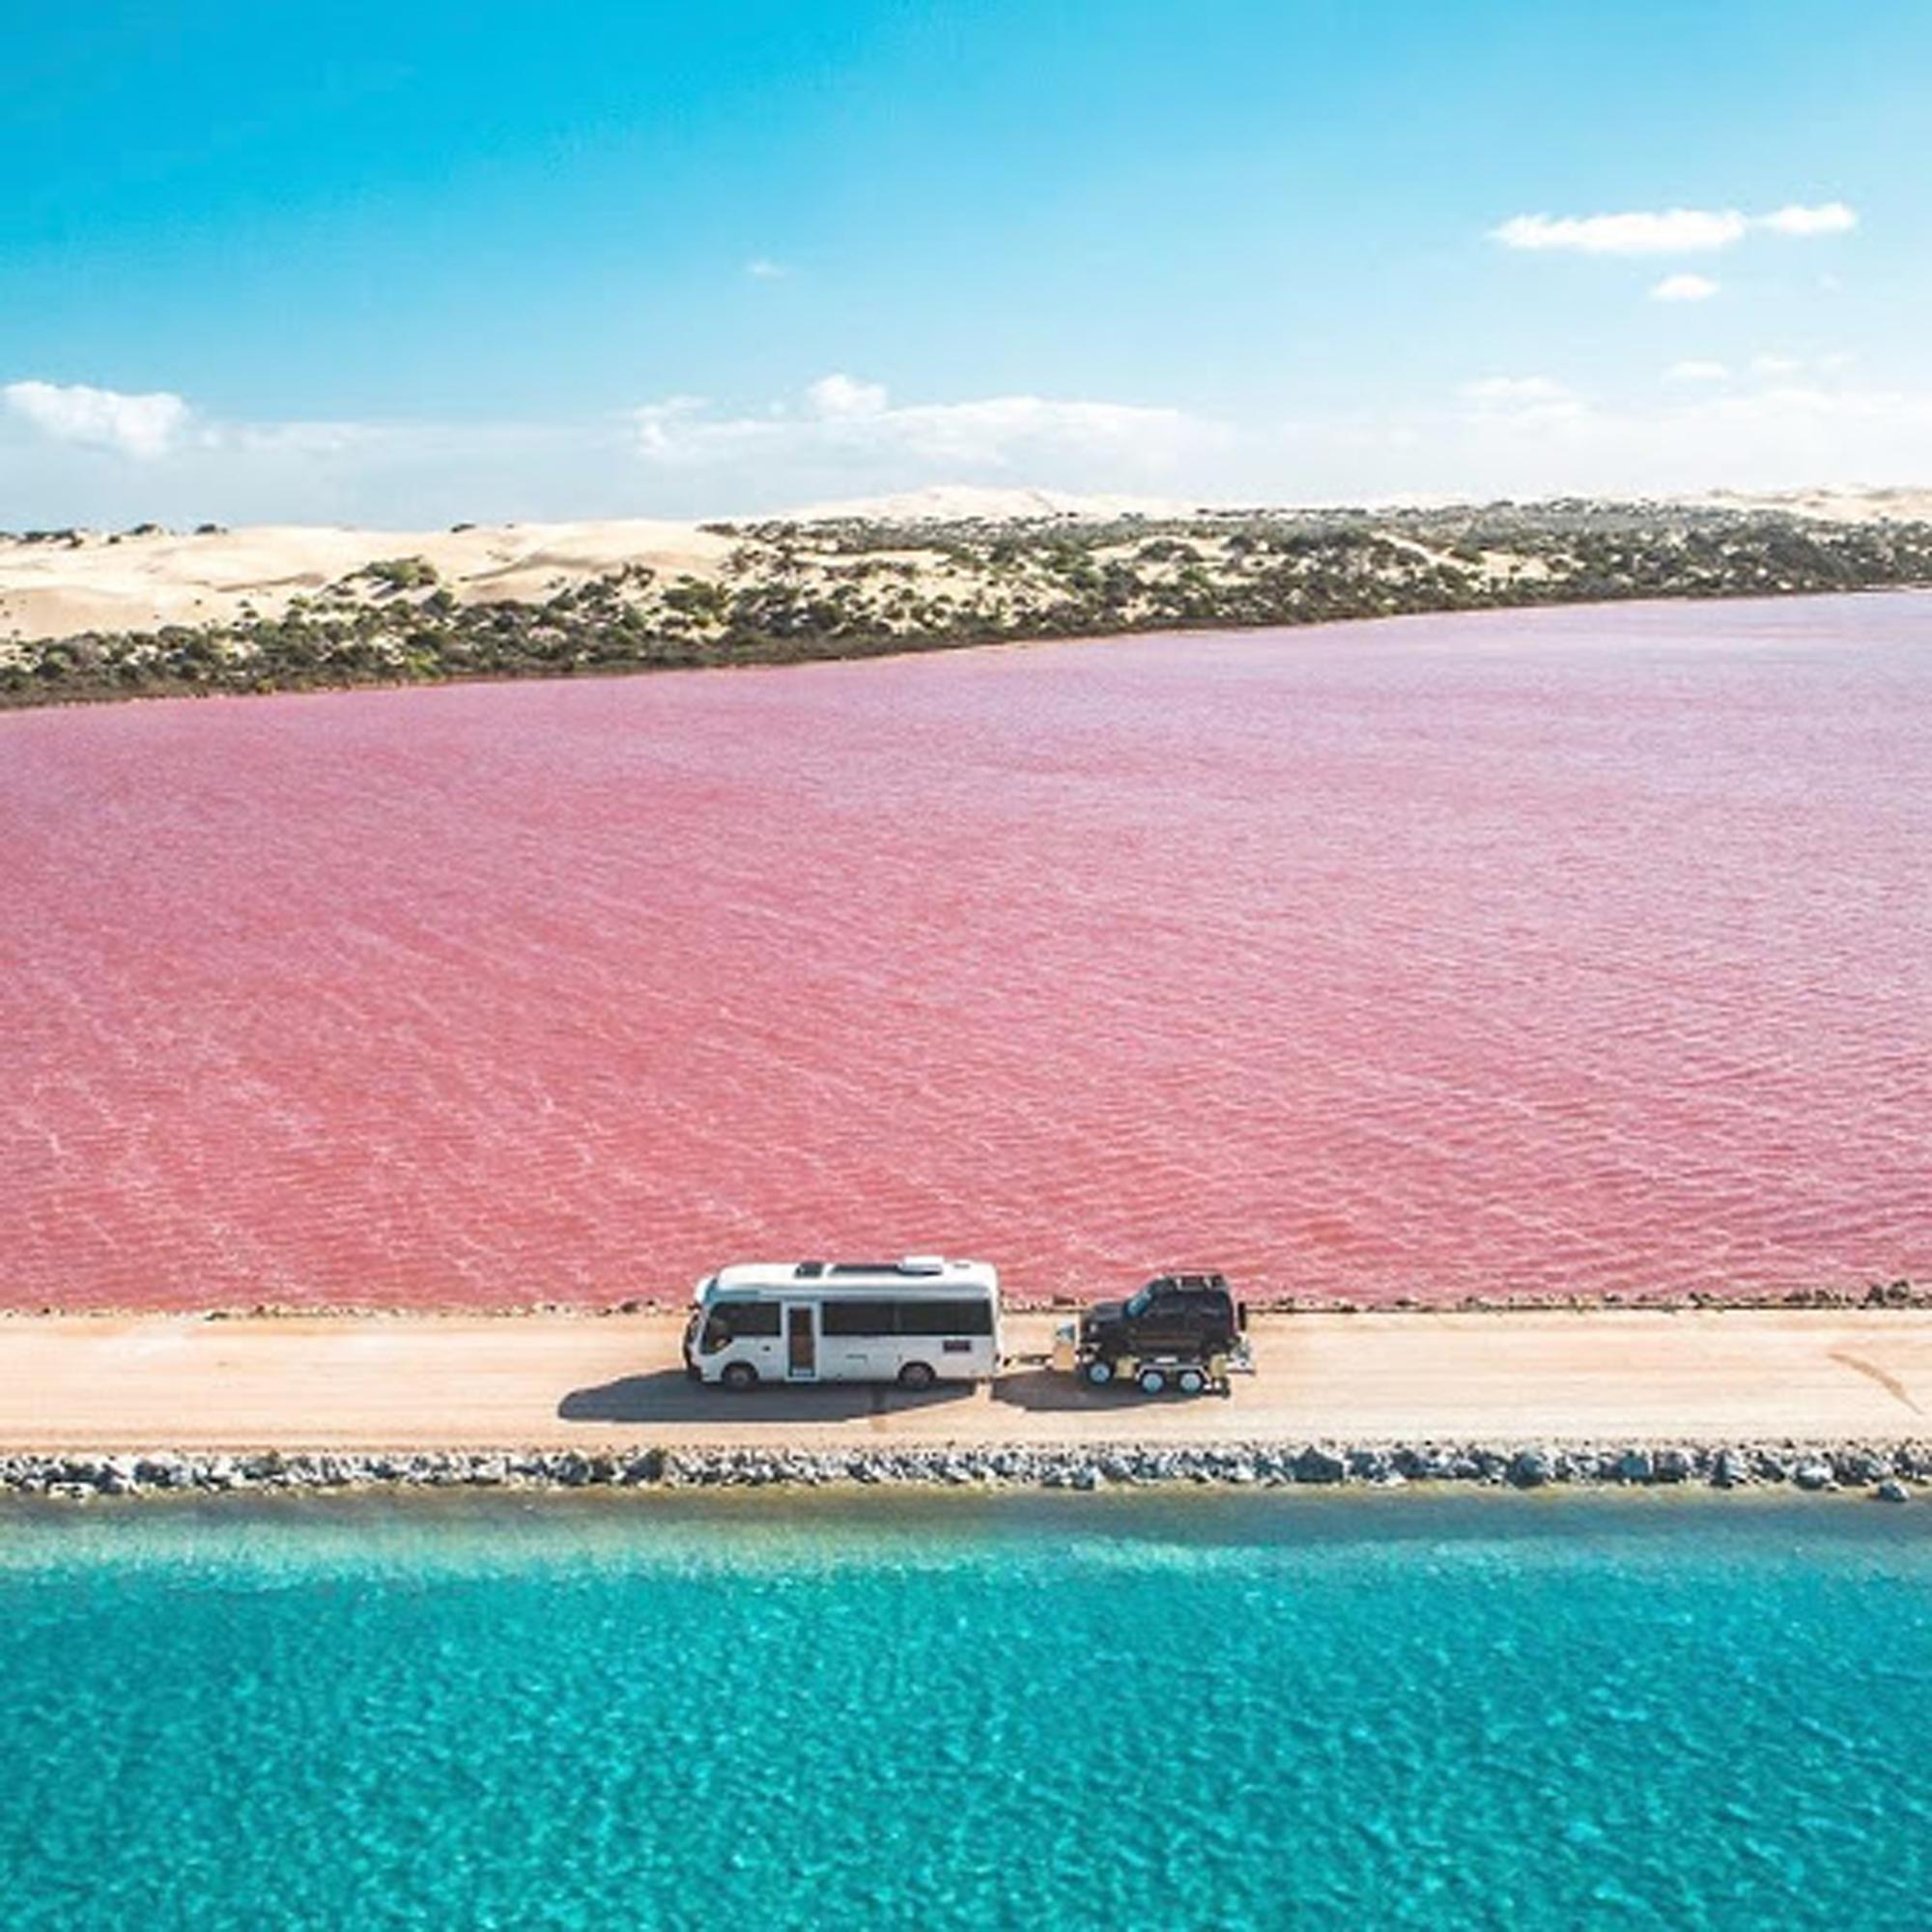 Con đường siêu đẹp giữa hai luồng nước xanh và hồng - Ảnh 6.